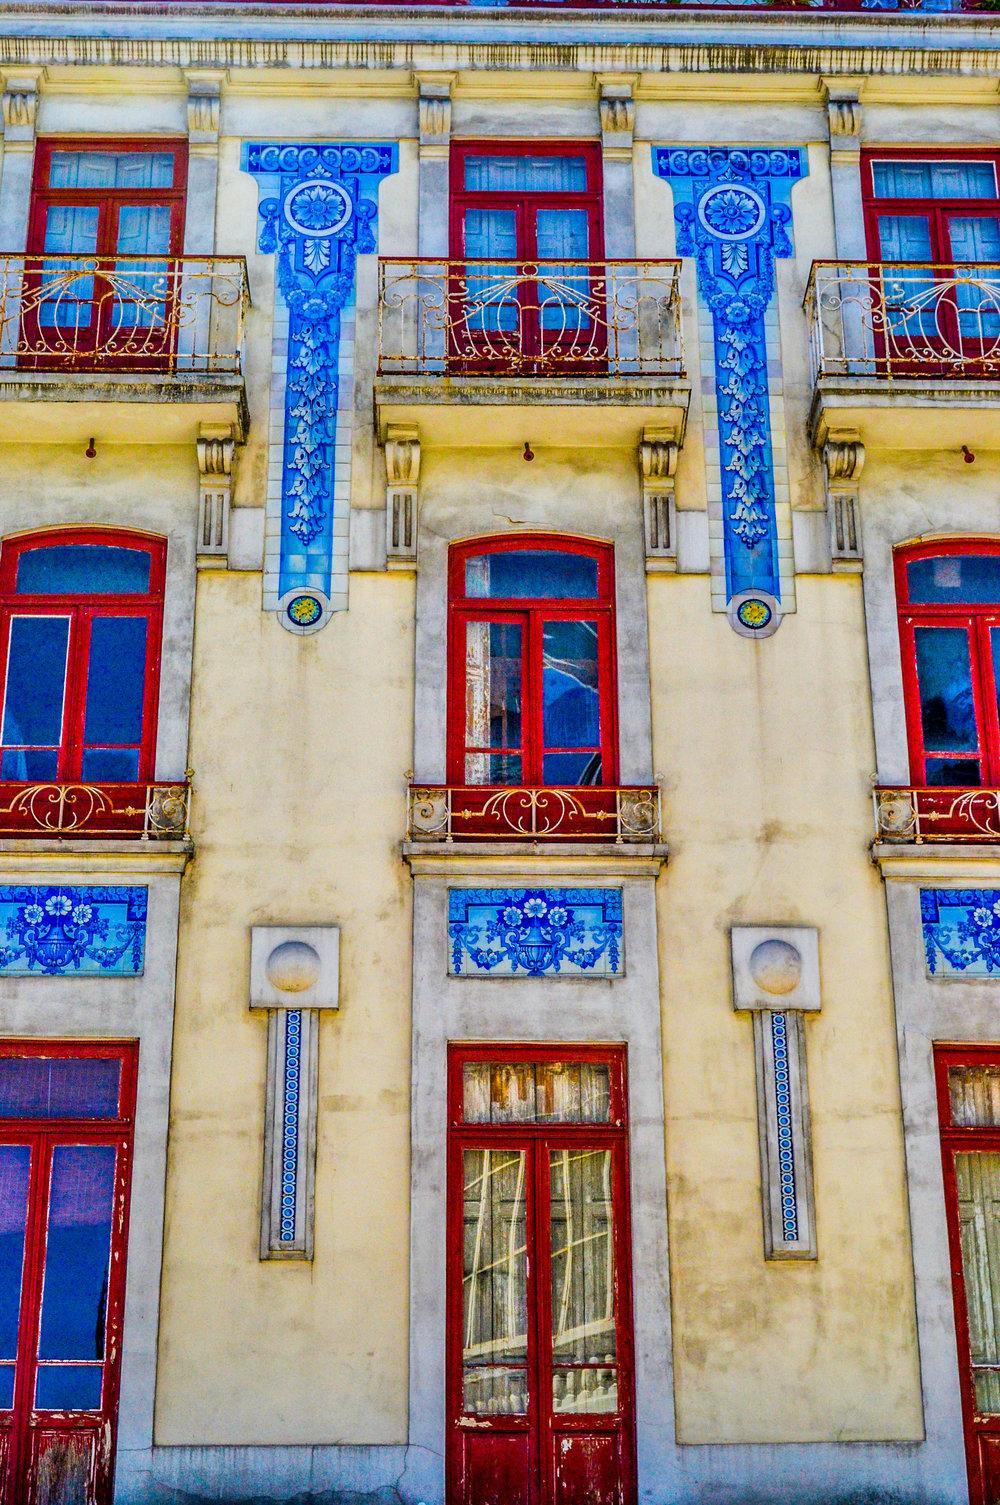 Tiled Home Porto.jpg